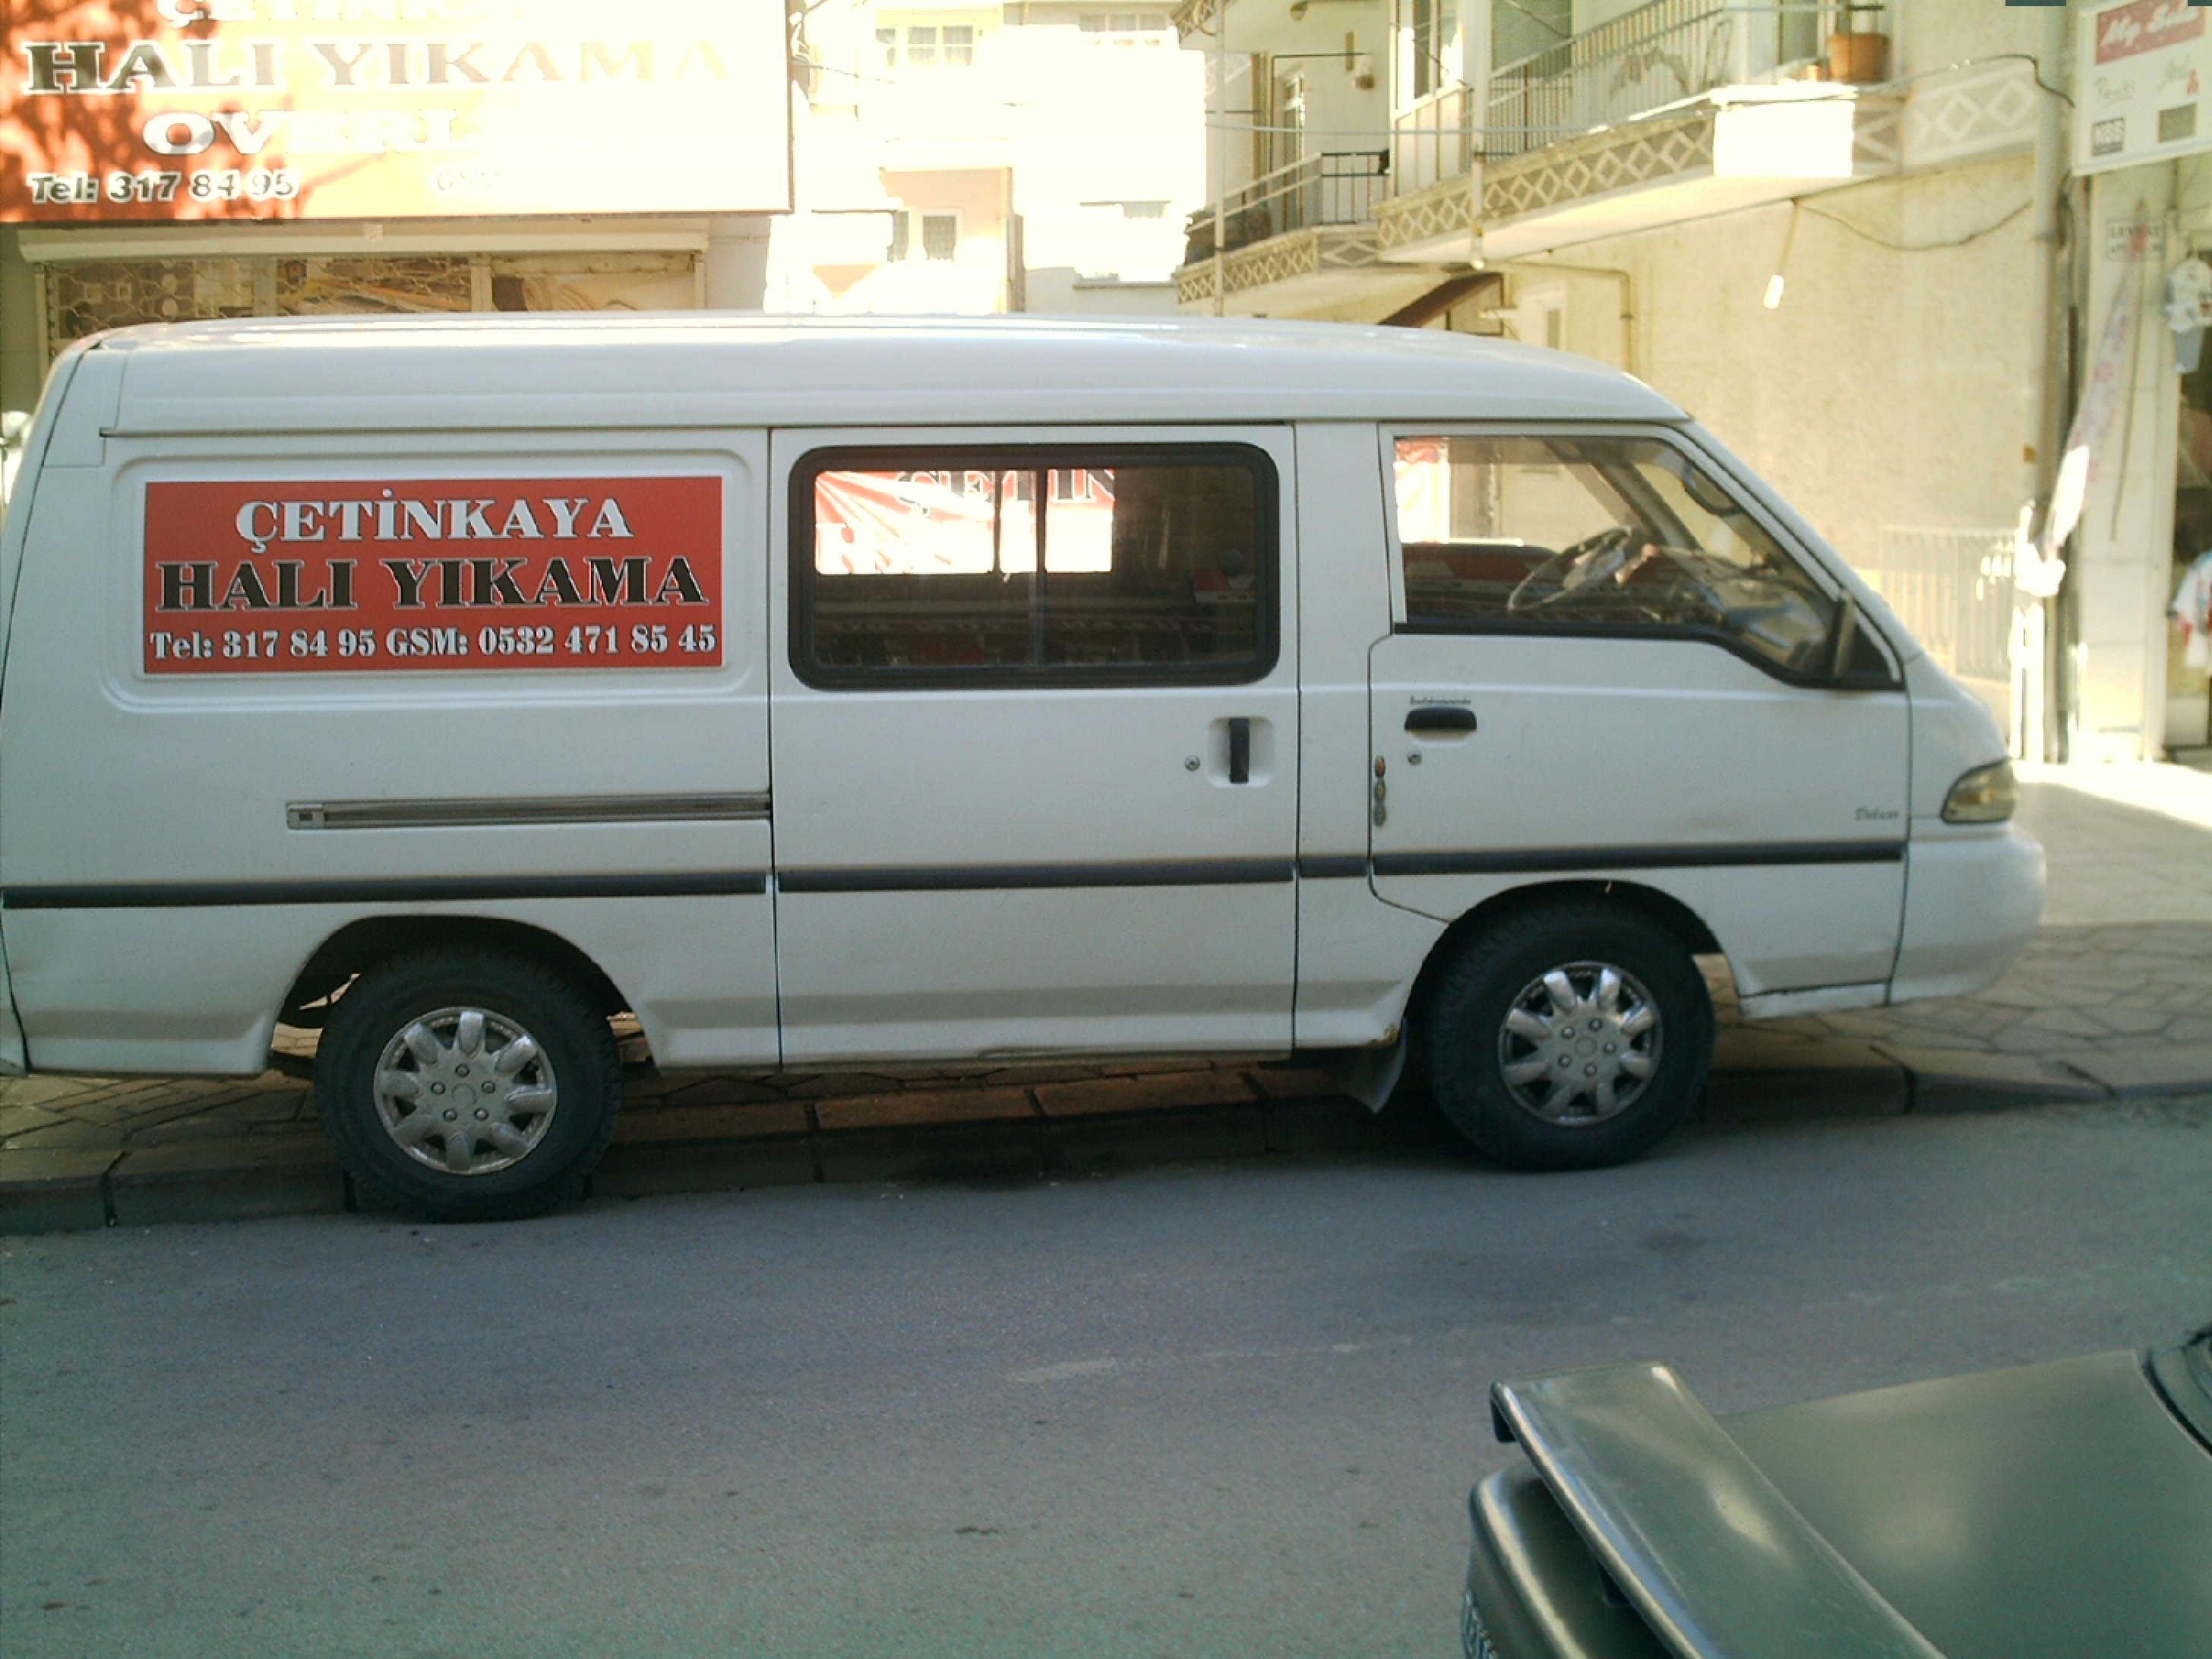 güzelkonut_hali_yikama_servis_araci